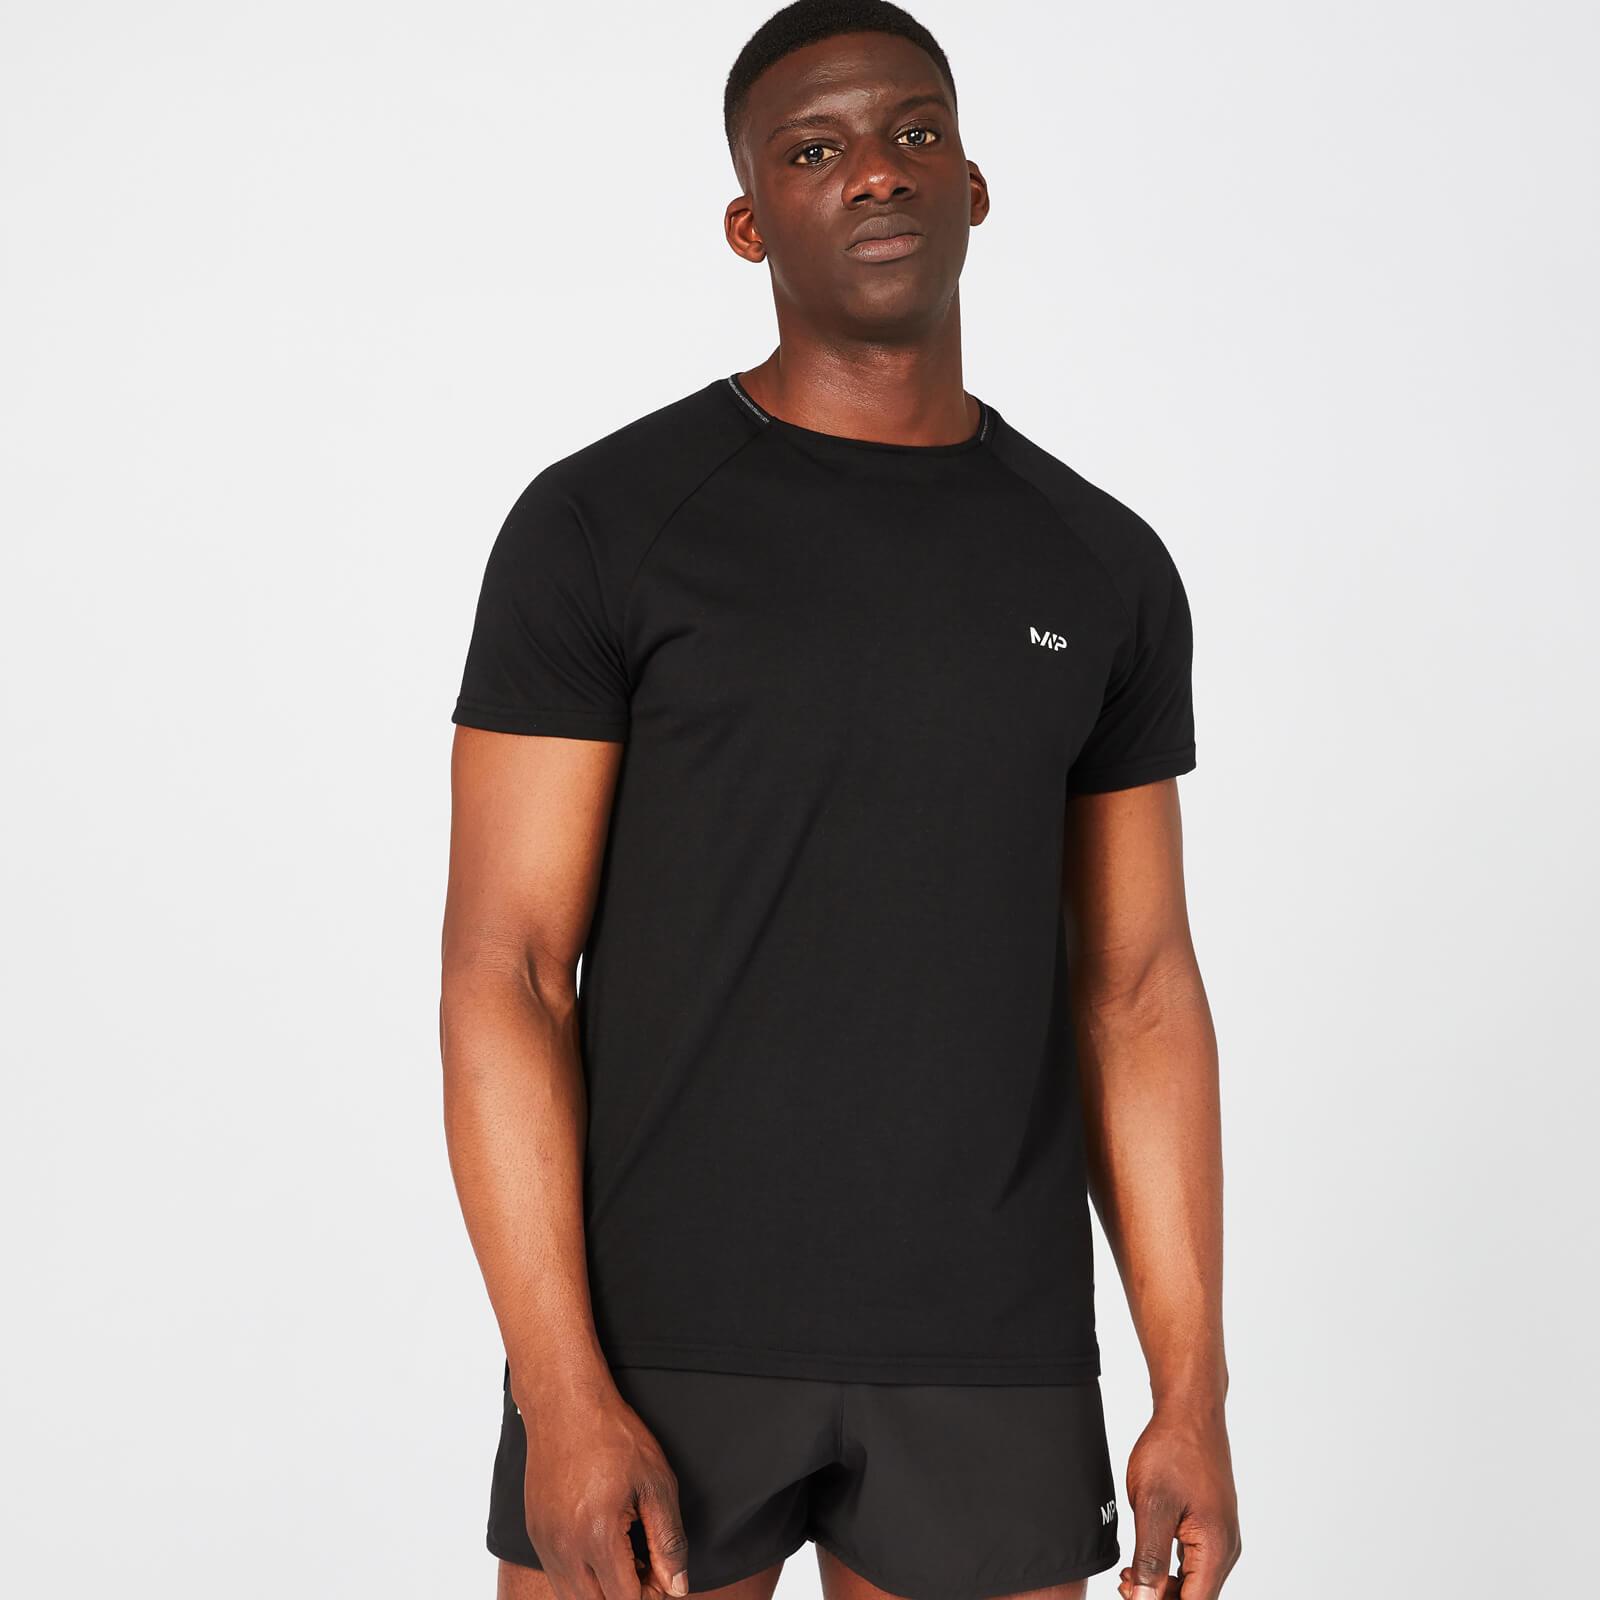 Myprotein Pace T-Shirt - Black - L